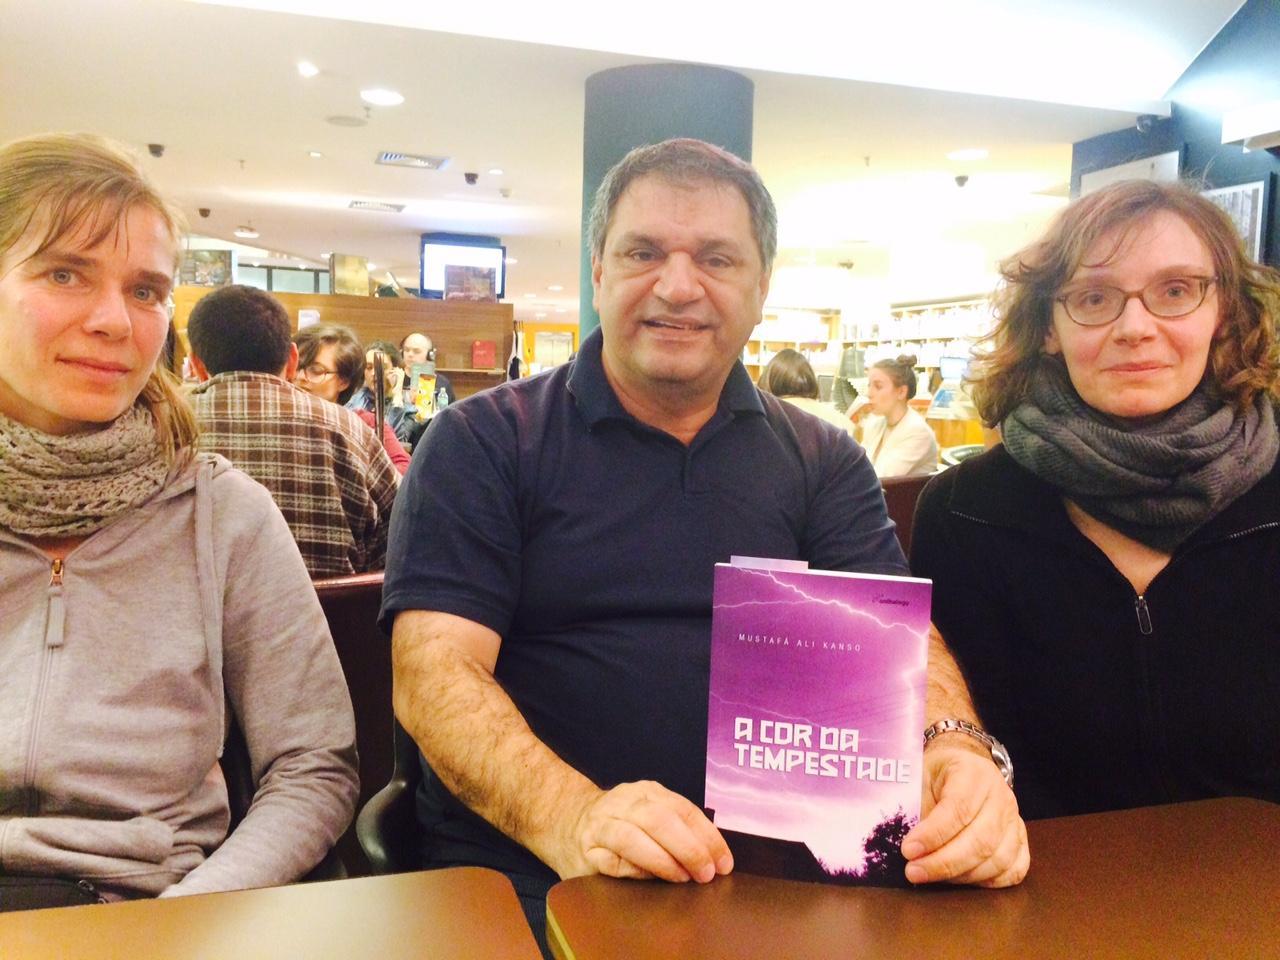 hipercrônicas - Christina Billand, Mustafá Ali Kanso e Ricarda Musser - foto do acervo do autor